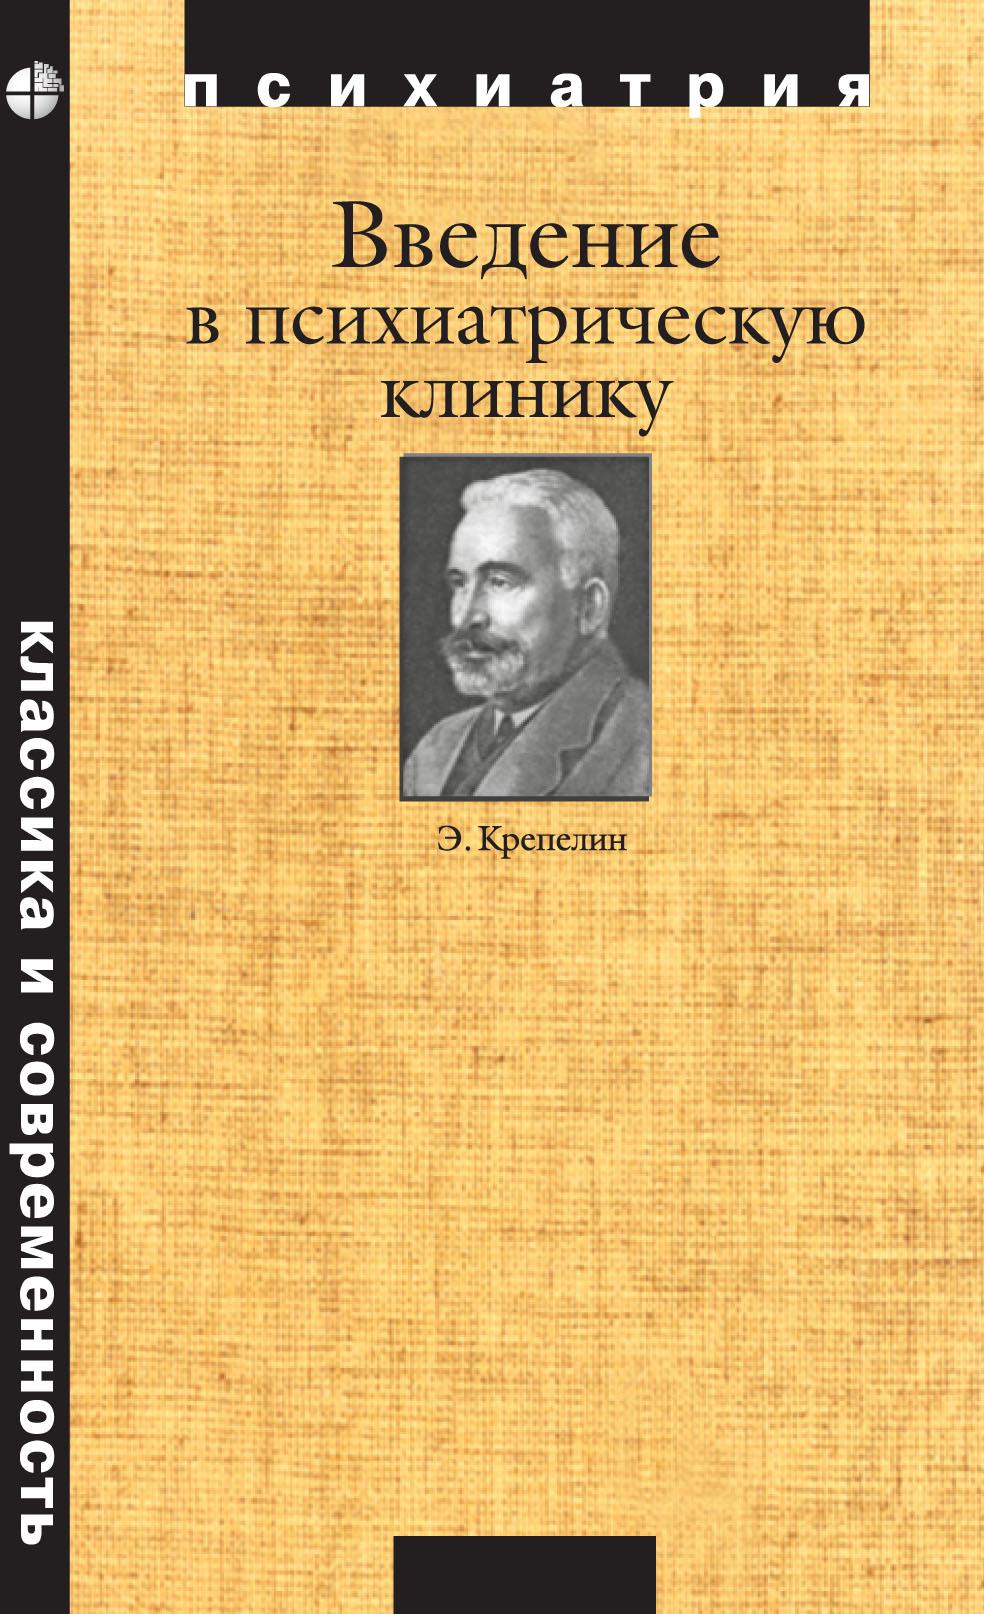 Эмиль Крепелин Введение в психиатрическую клинику терминологические основы феноменологической диагностики в психиатрии